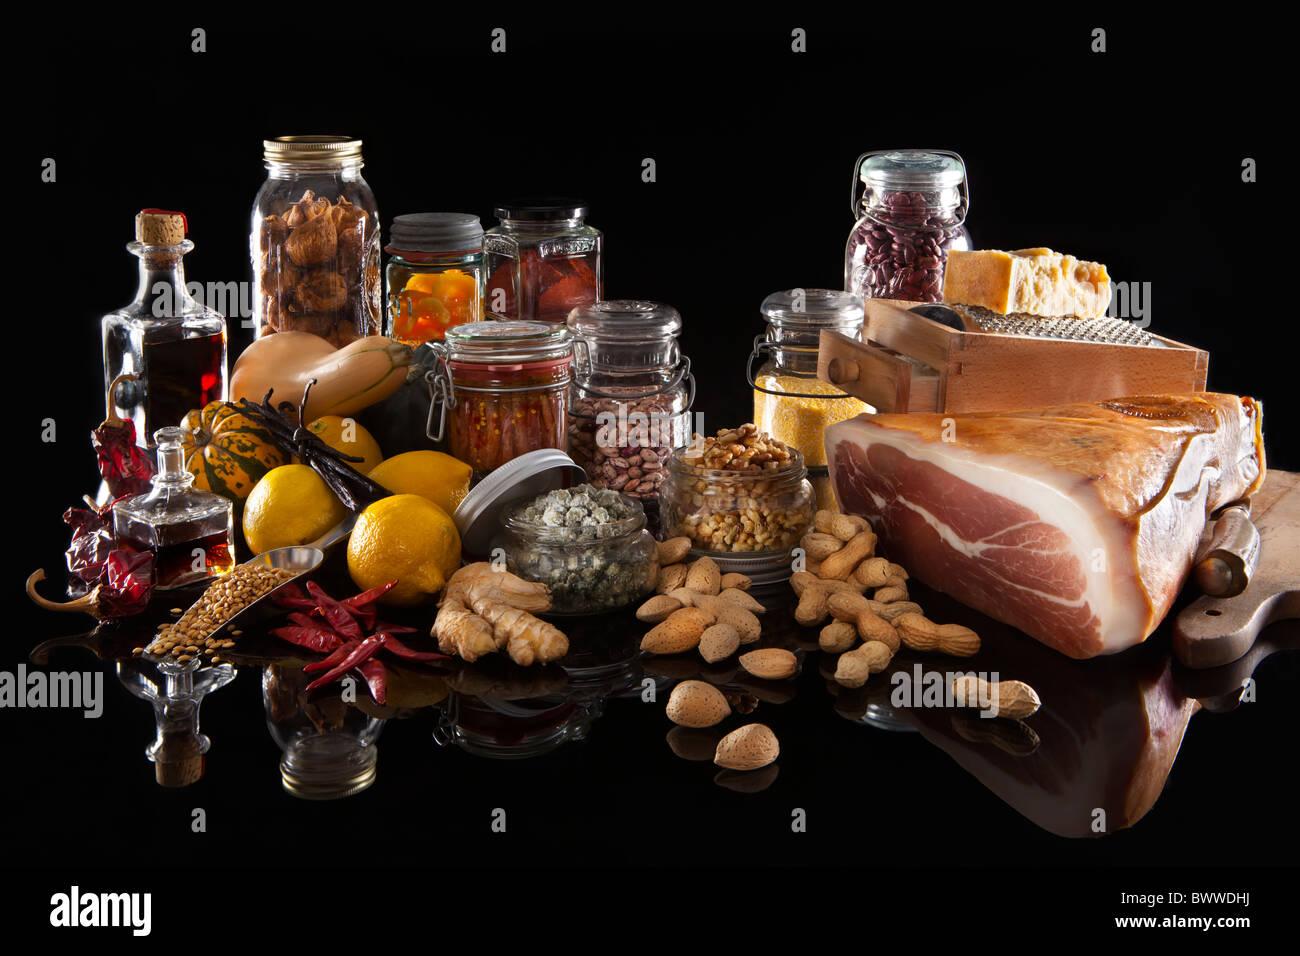 Eine Auswahl an Speisen der Speisekammer in verschiedenen Gläsern und Flaschen auf schwarzem Hintergrund Stockbild